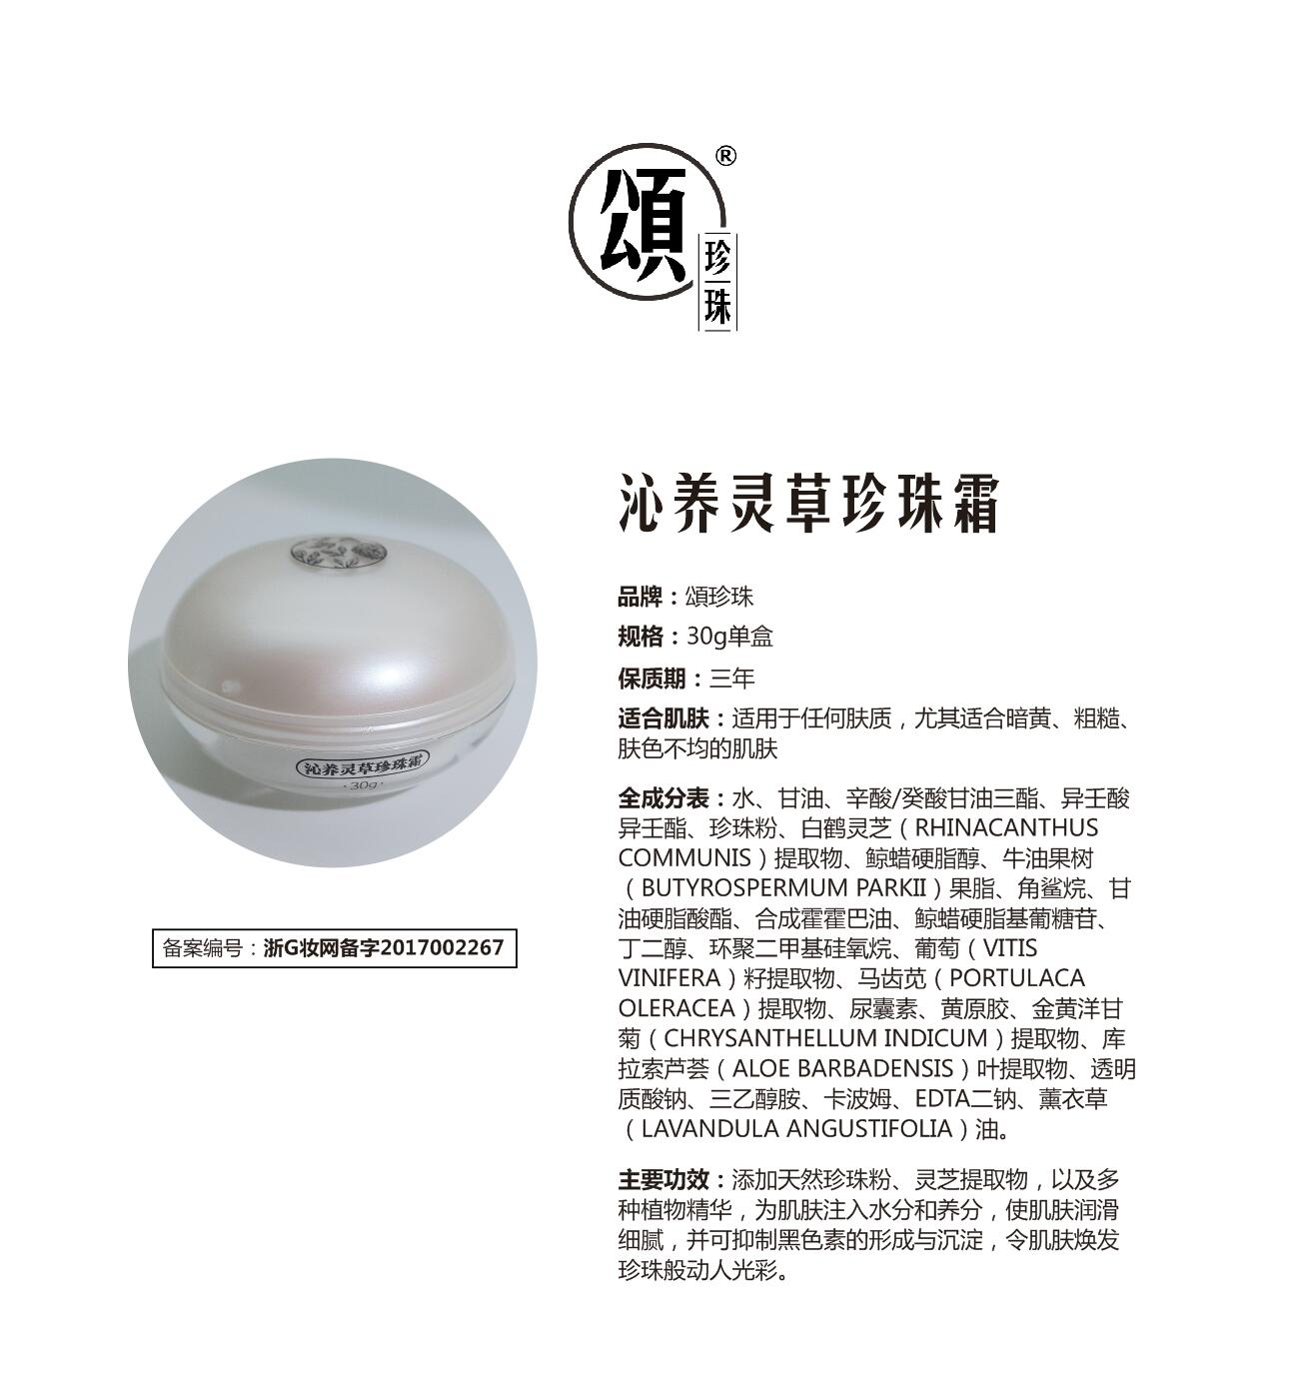 【 чжао Ke является чжао Ke】 песня жемчужина . циньсянь поддержка дух трава жемчужина мороз